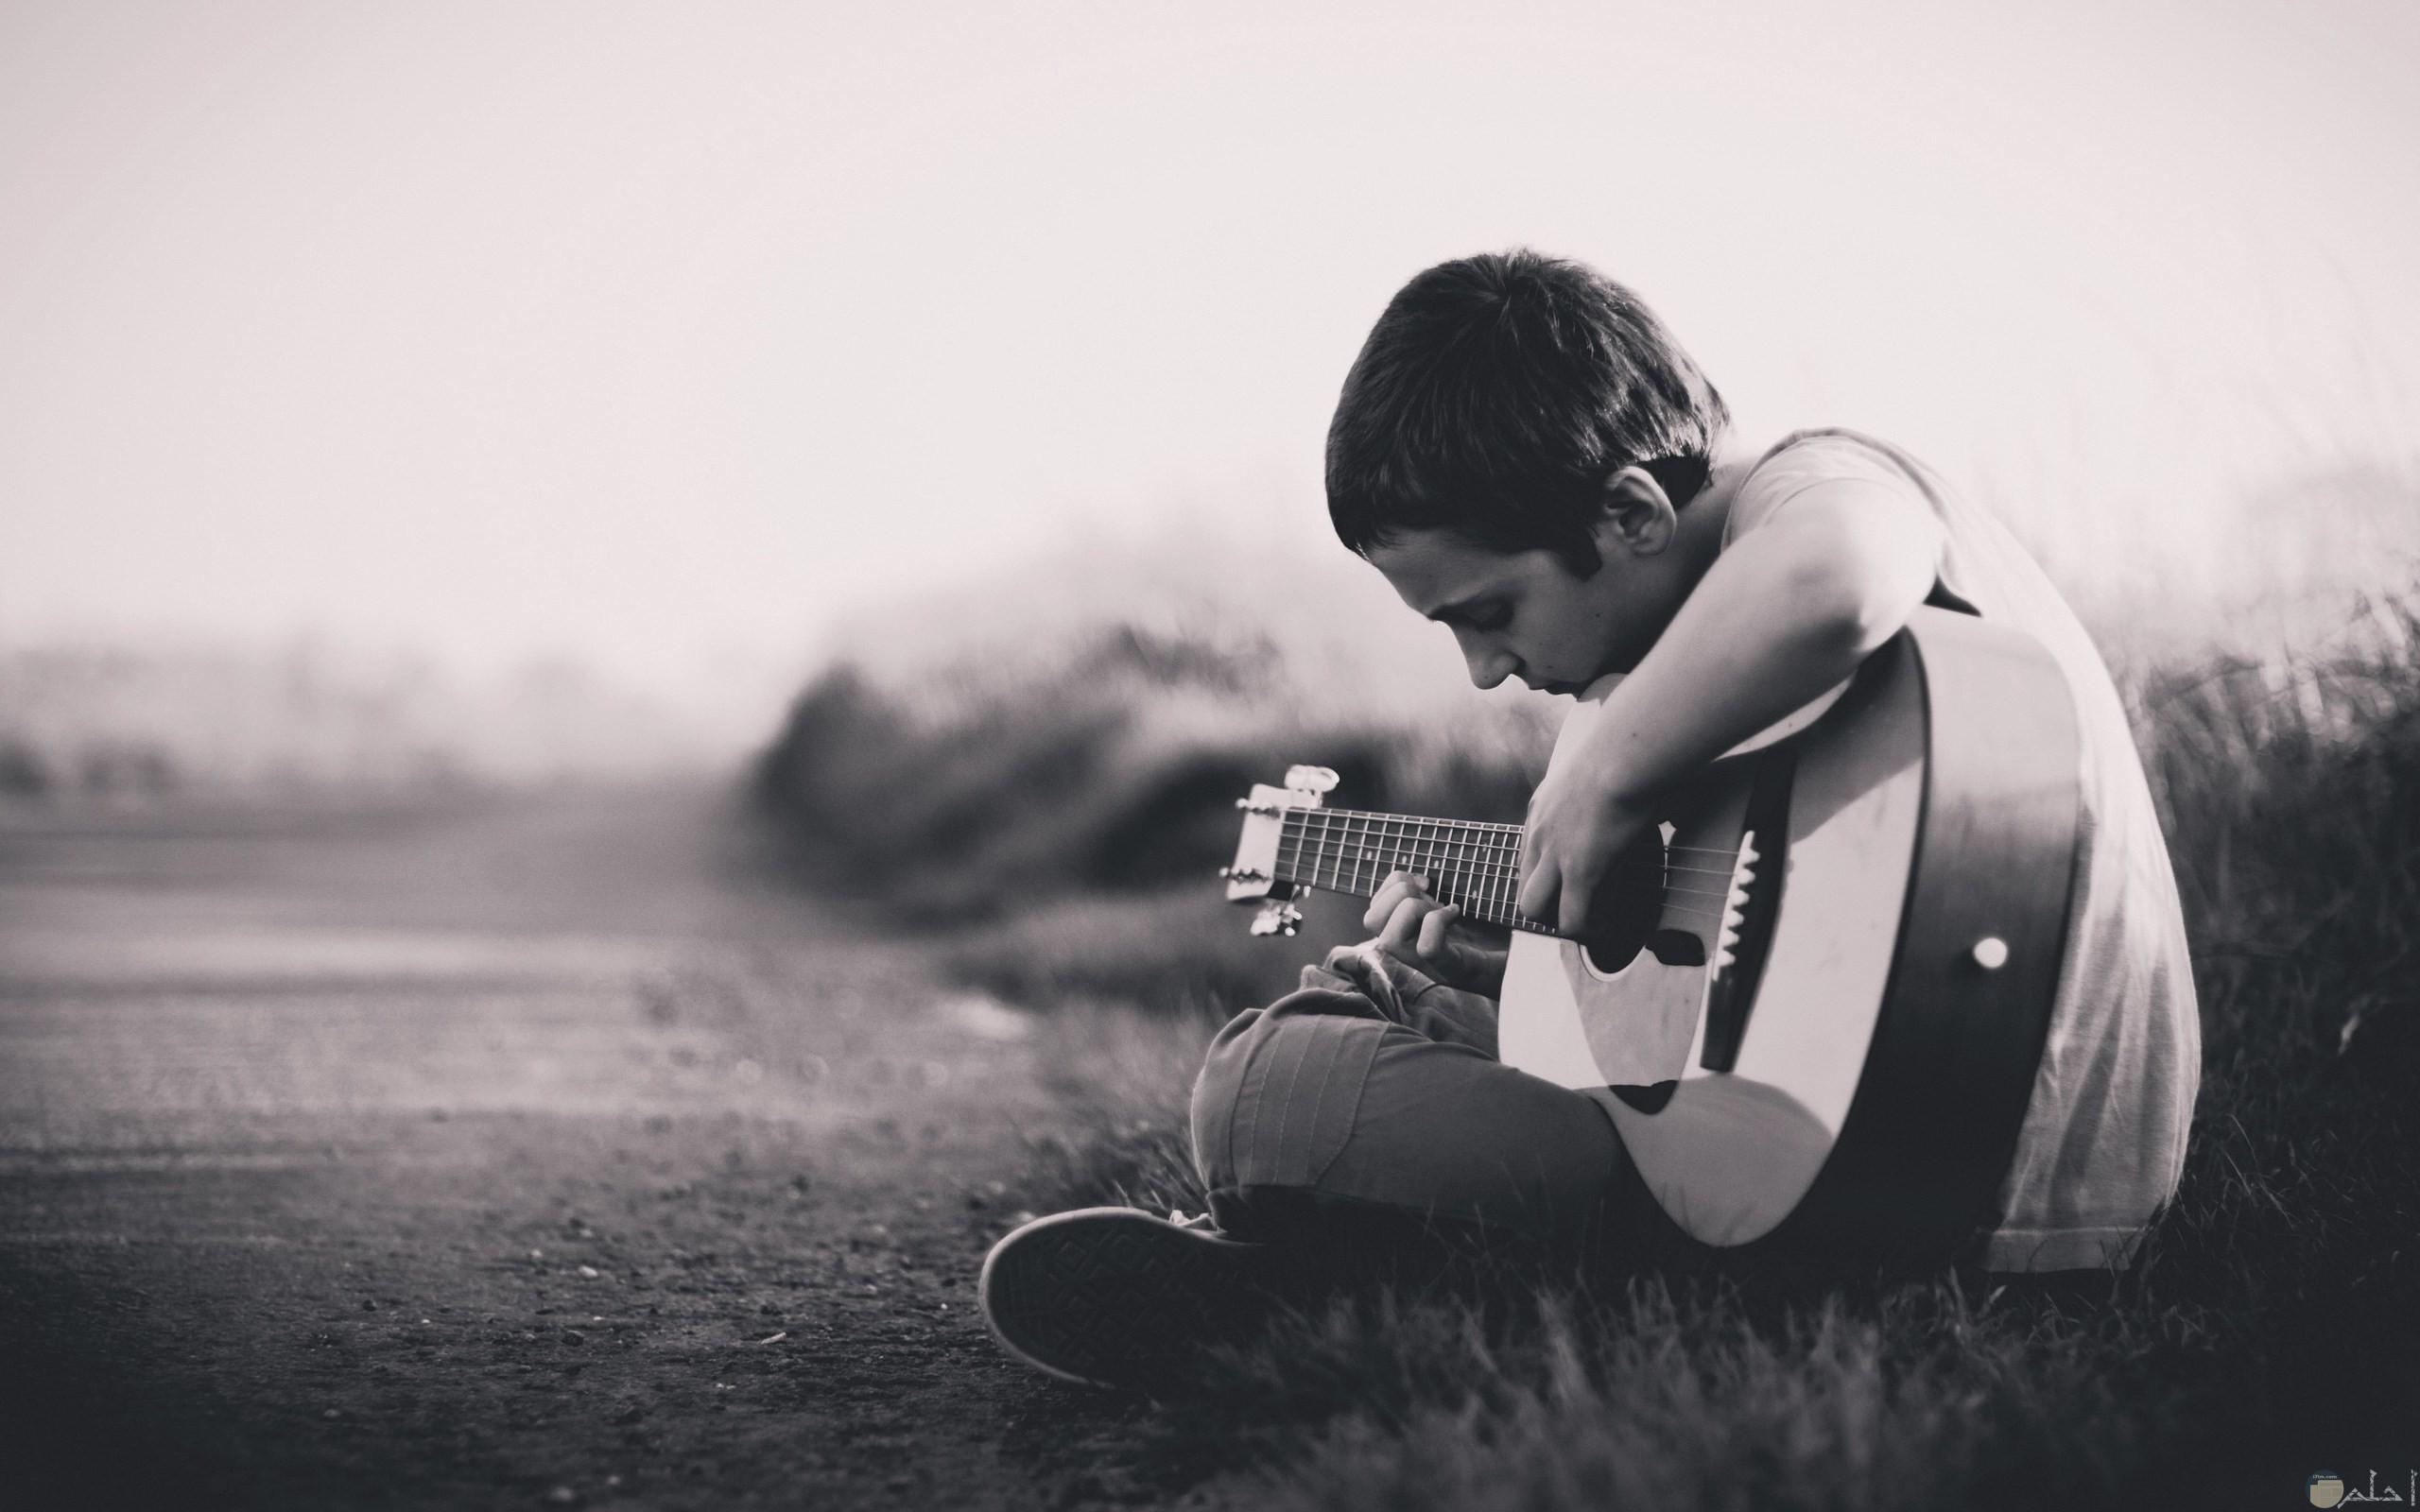 شاب حزين يعرف موسيقى.